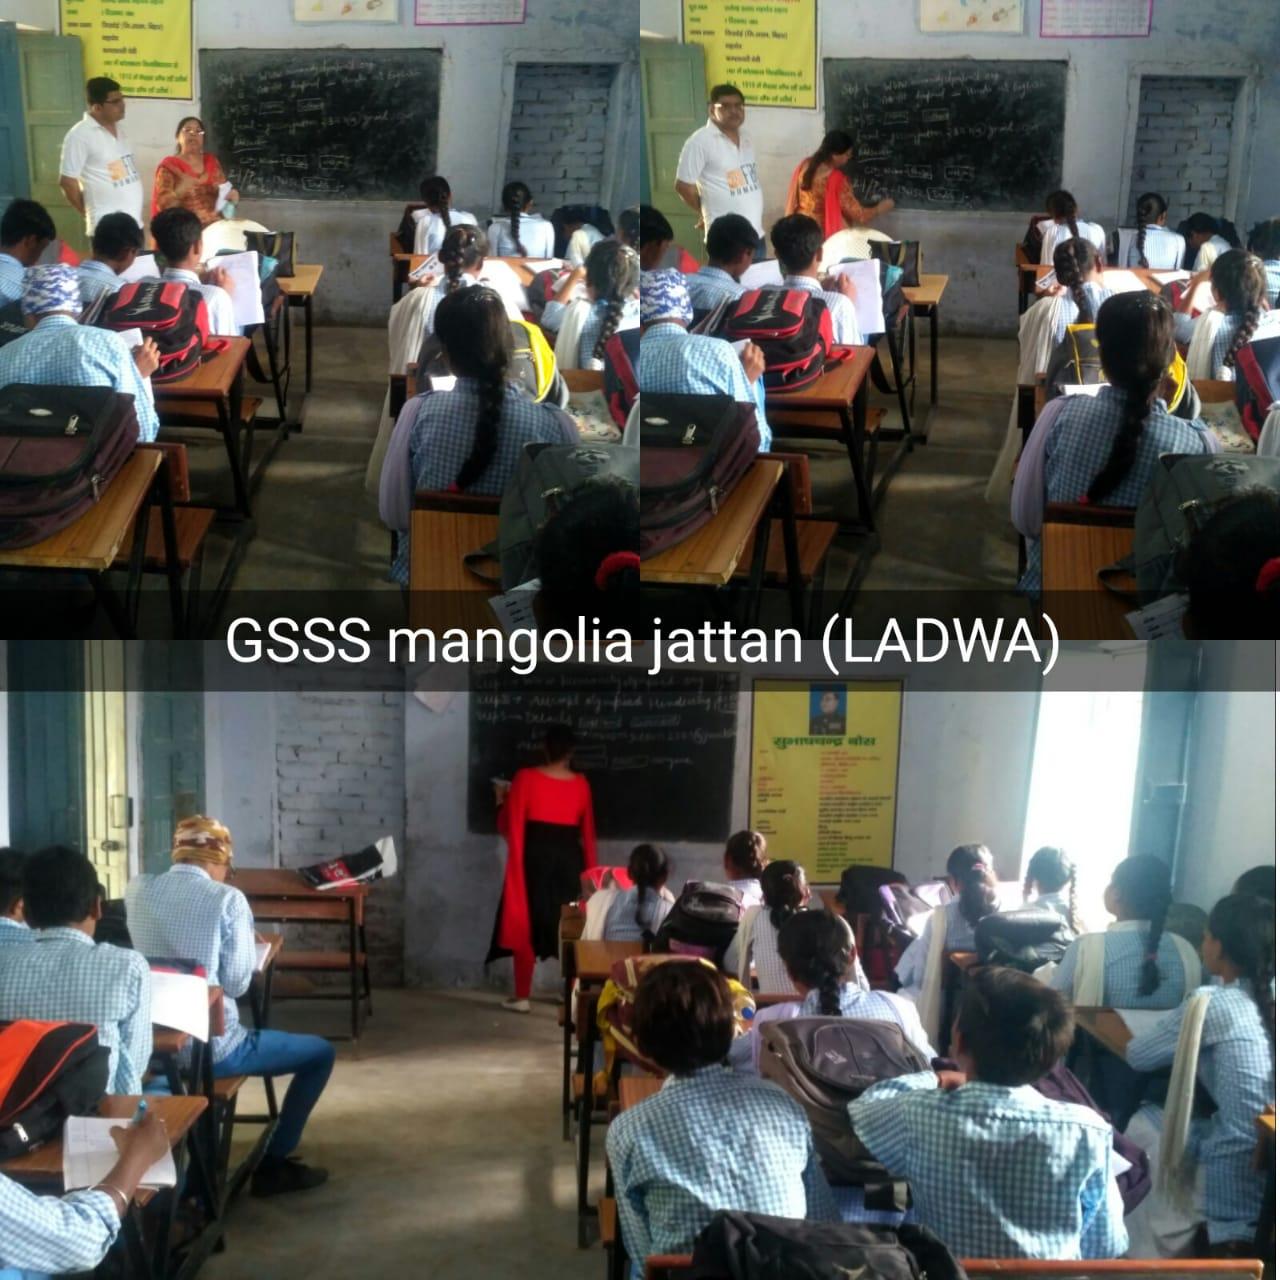 GSSS Mangolia jattan Ladwa.jpeg